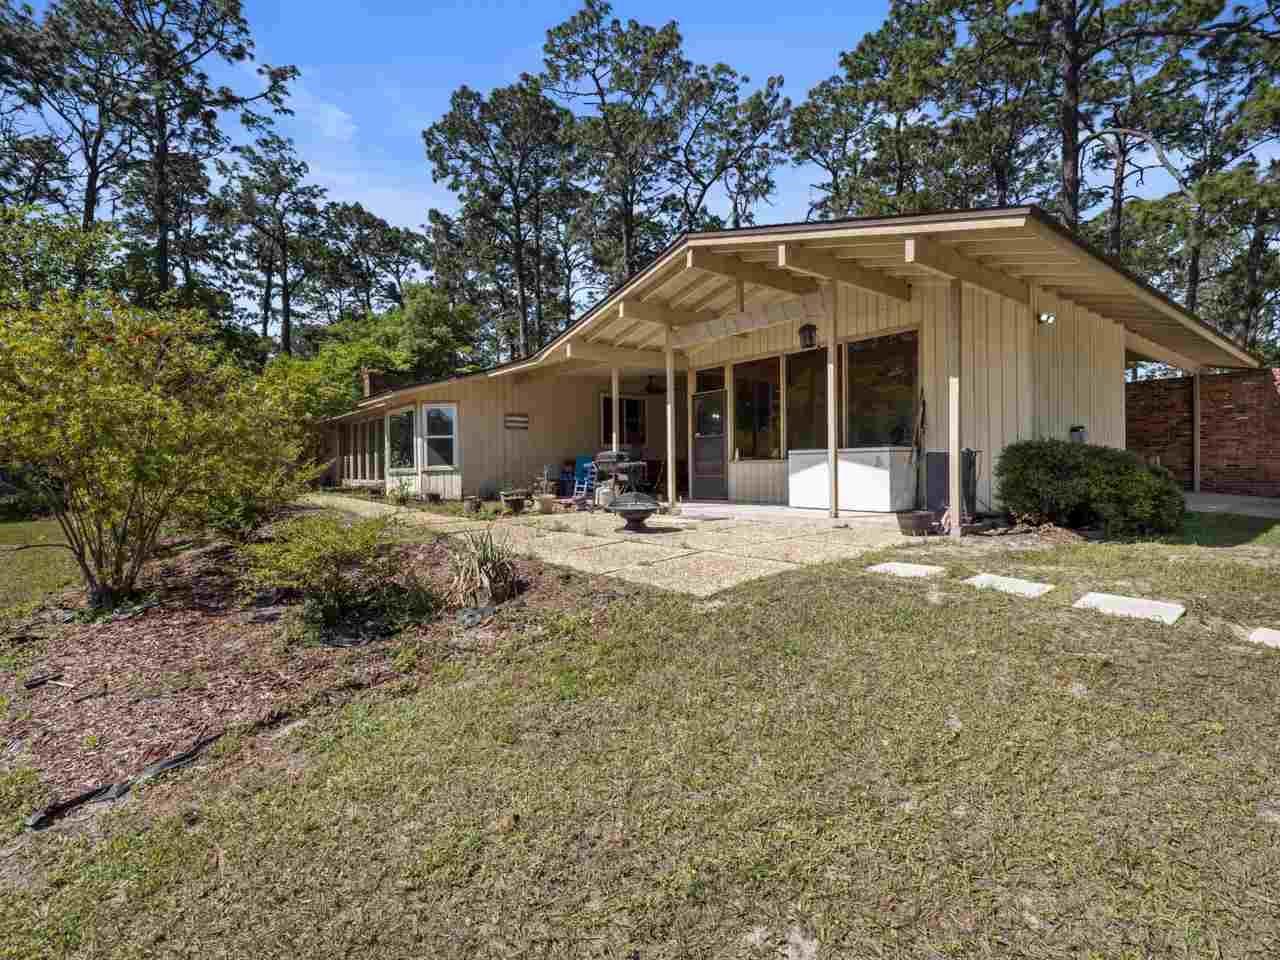 206 Dogwood Way, Perry, FL 32348 - MLS#: 330662